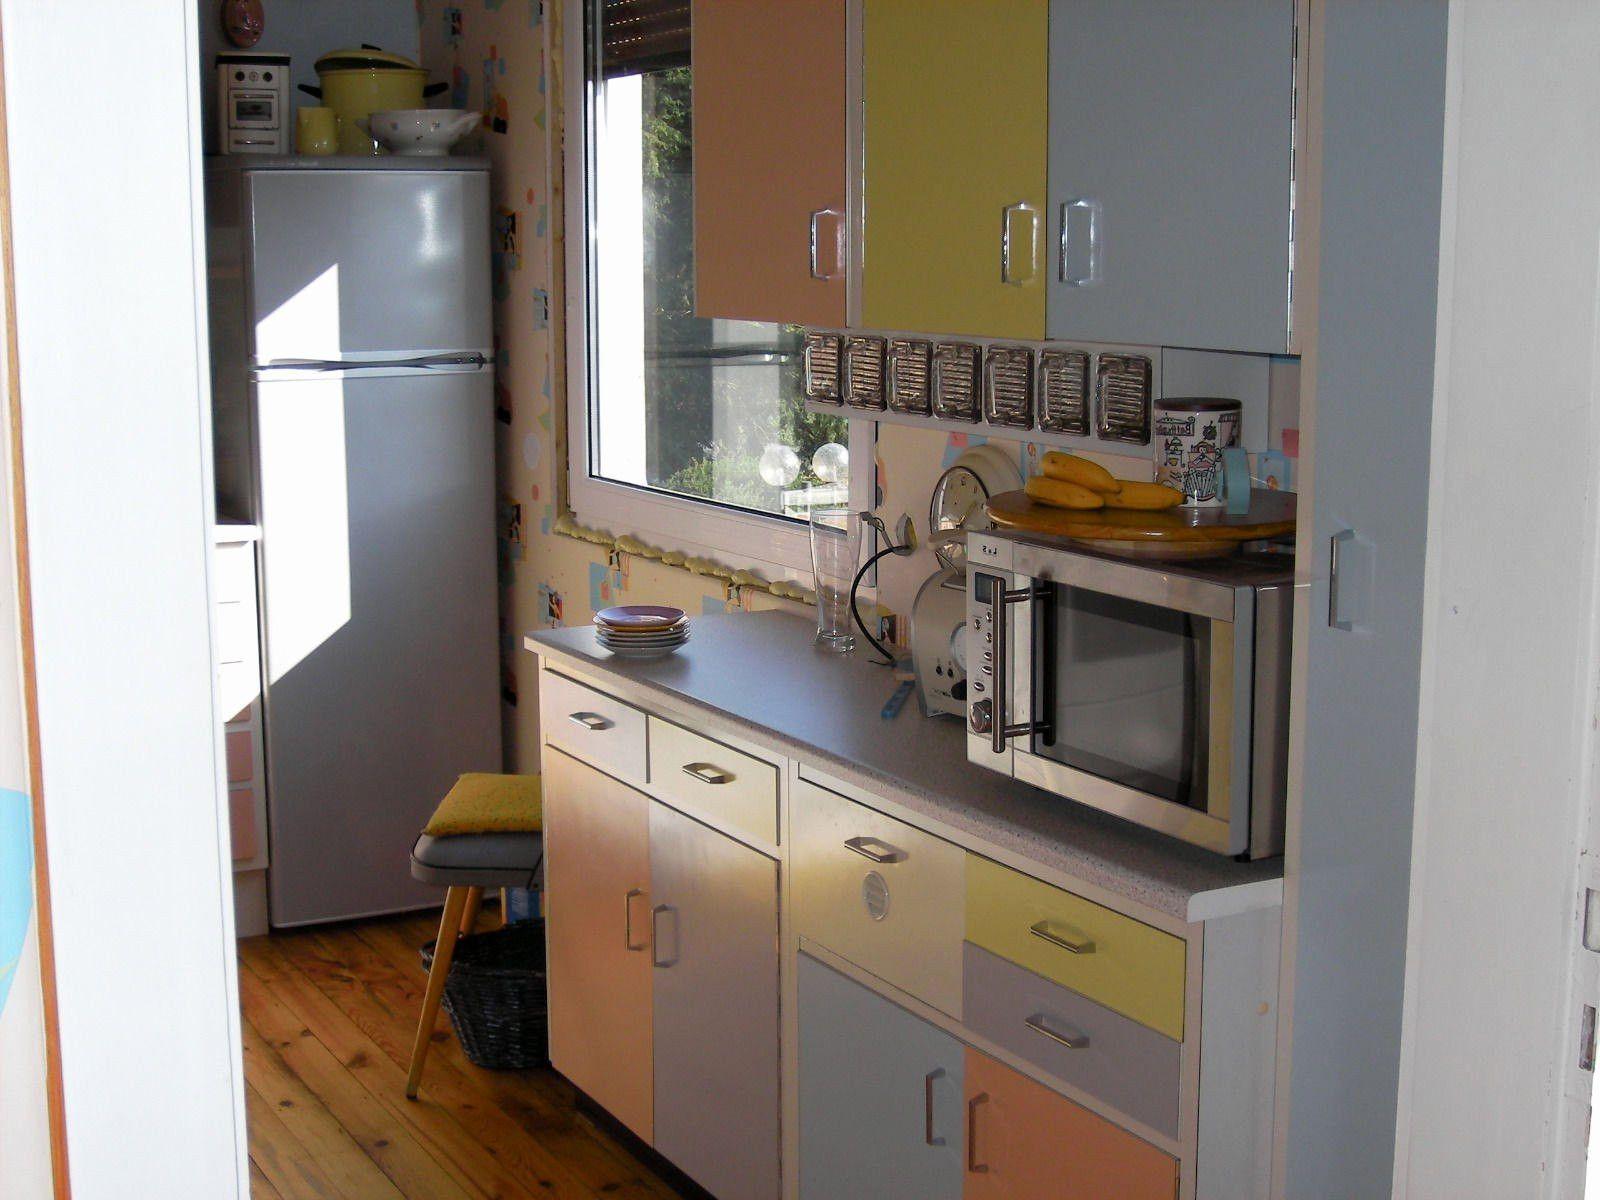 Einbaukuche Gebraucht Kaufen Beautiful Einbaukuche Gebraucht Kaufen Neu Atemberaubend Gebrauchte Kuche Kaufen Kuchendesign Kleine Kuche